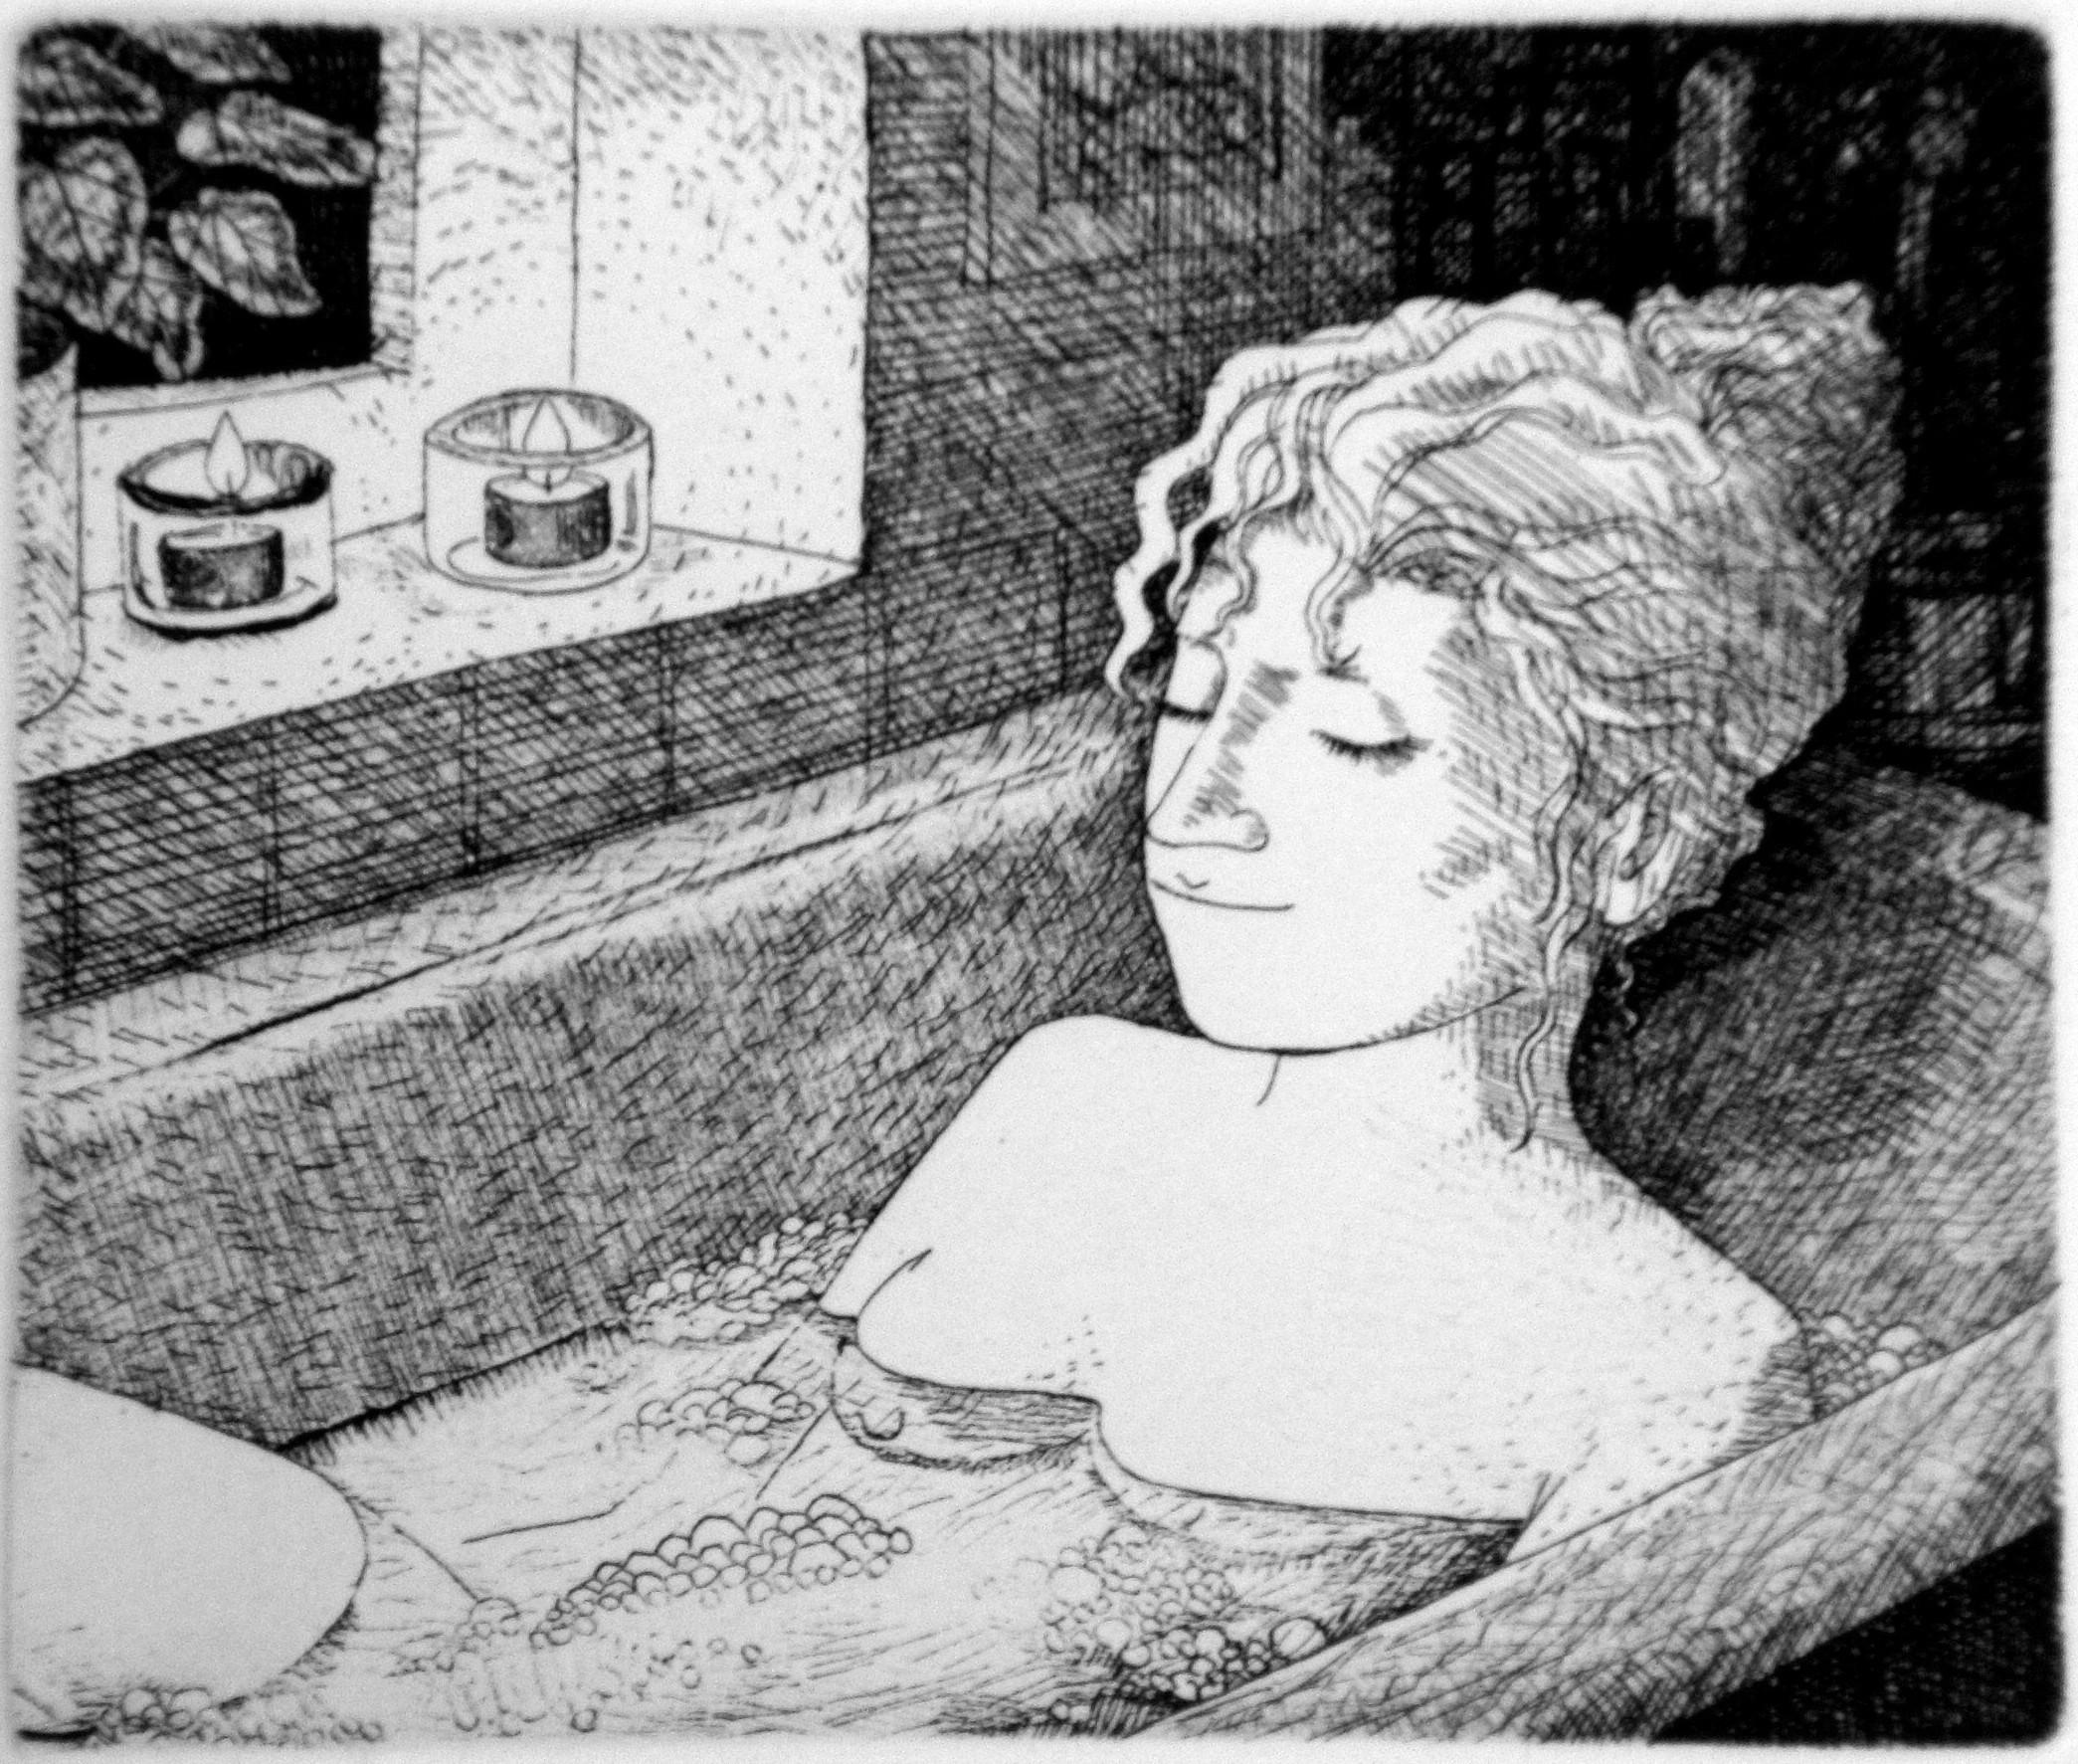 Bath, etching, 12x14 cm.